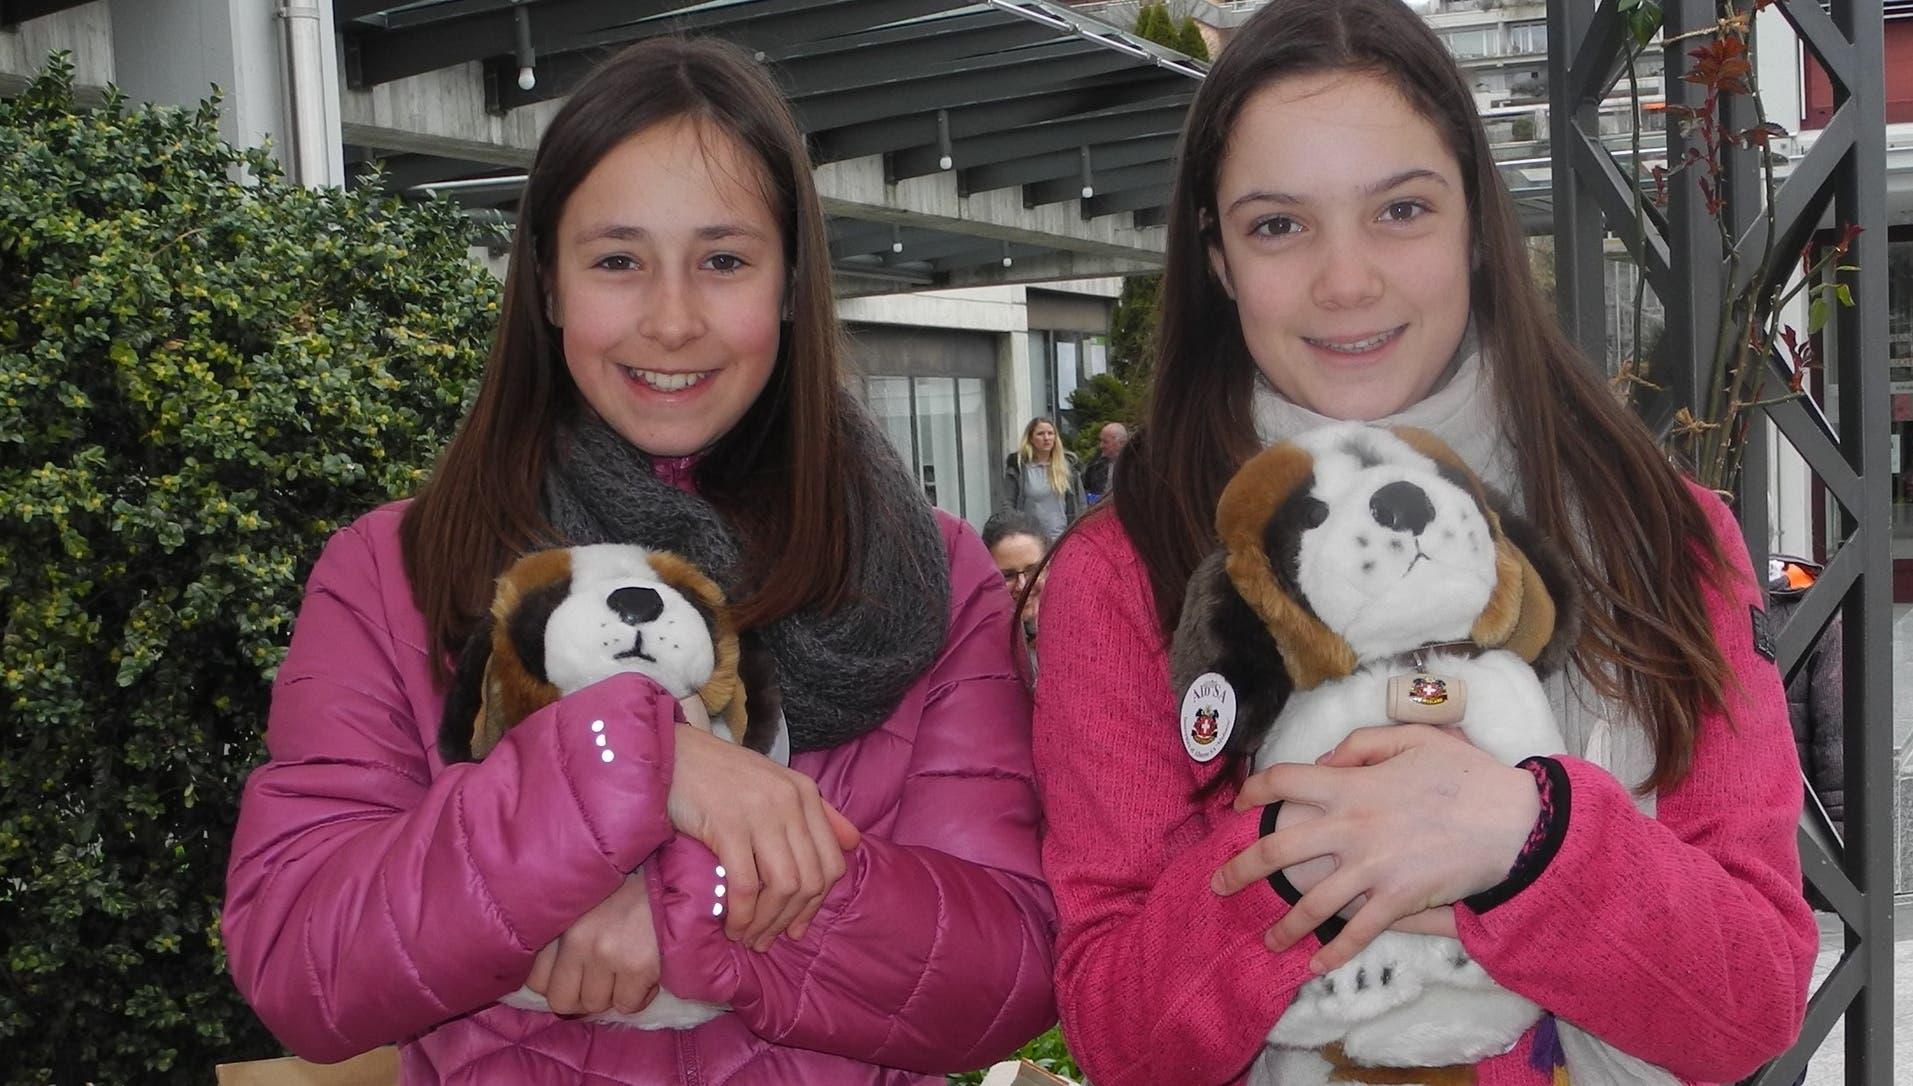 «Seraina (12) und Filippa (14) waren als fleissige Helferinnen damit beschäftigt, Tombola-Lose zu verteilen.